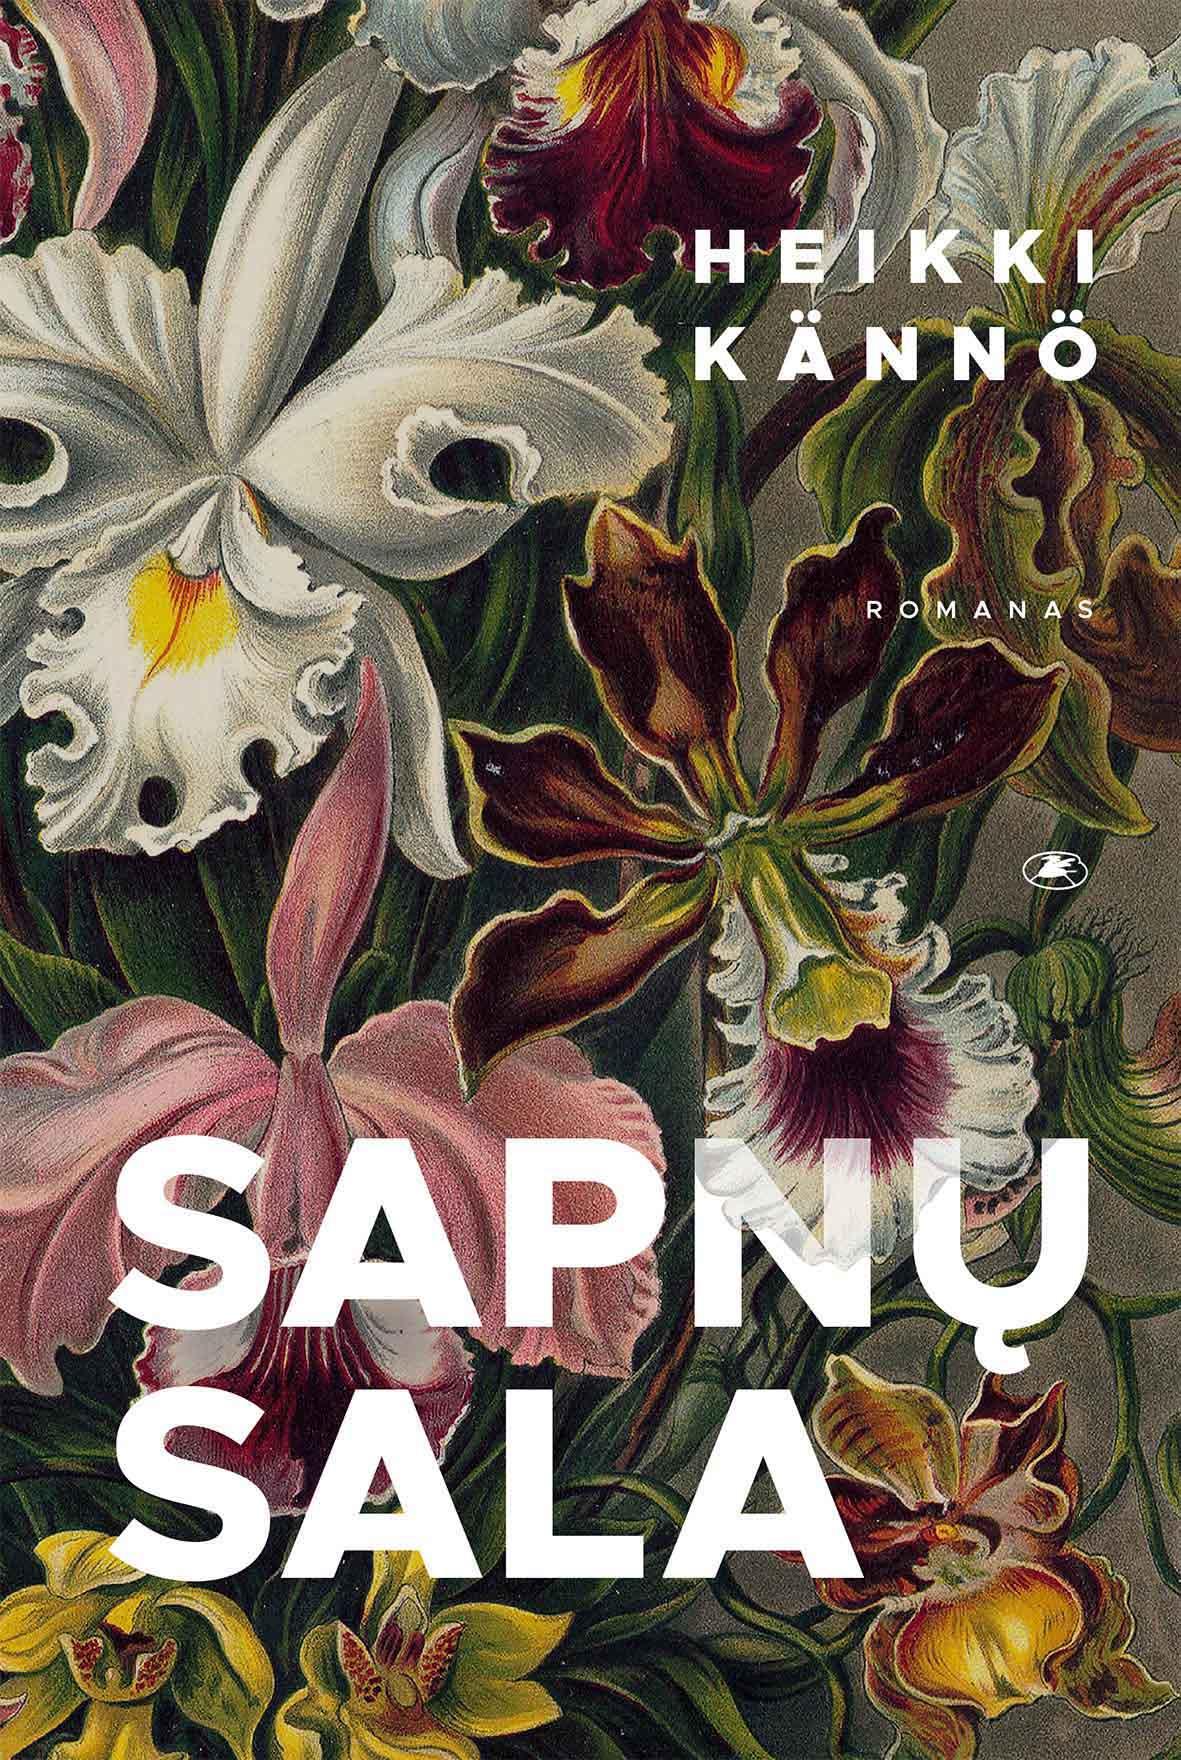 """Heikki Kännö. """"Sapnų sala"""". Iš suomių k. vertė Aida Krilavičienė (Vilnius: Lietuvos rašytojų sąjungos leidykla, 2020)"""